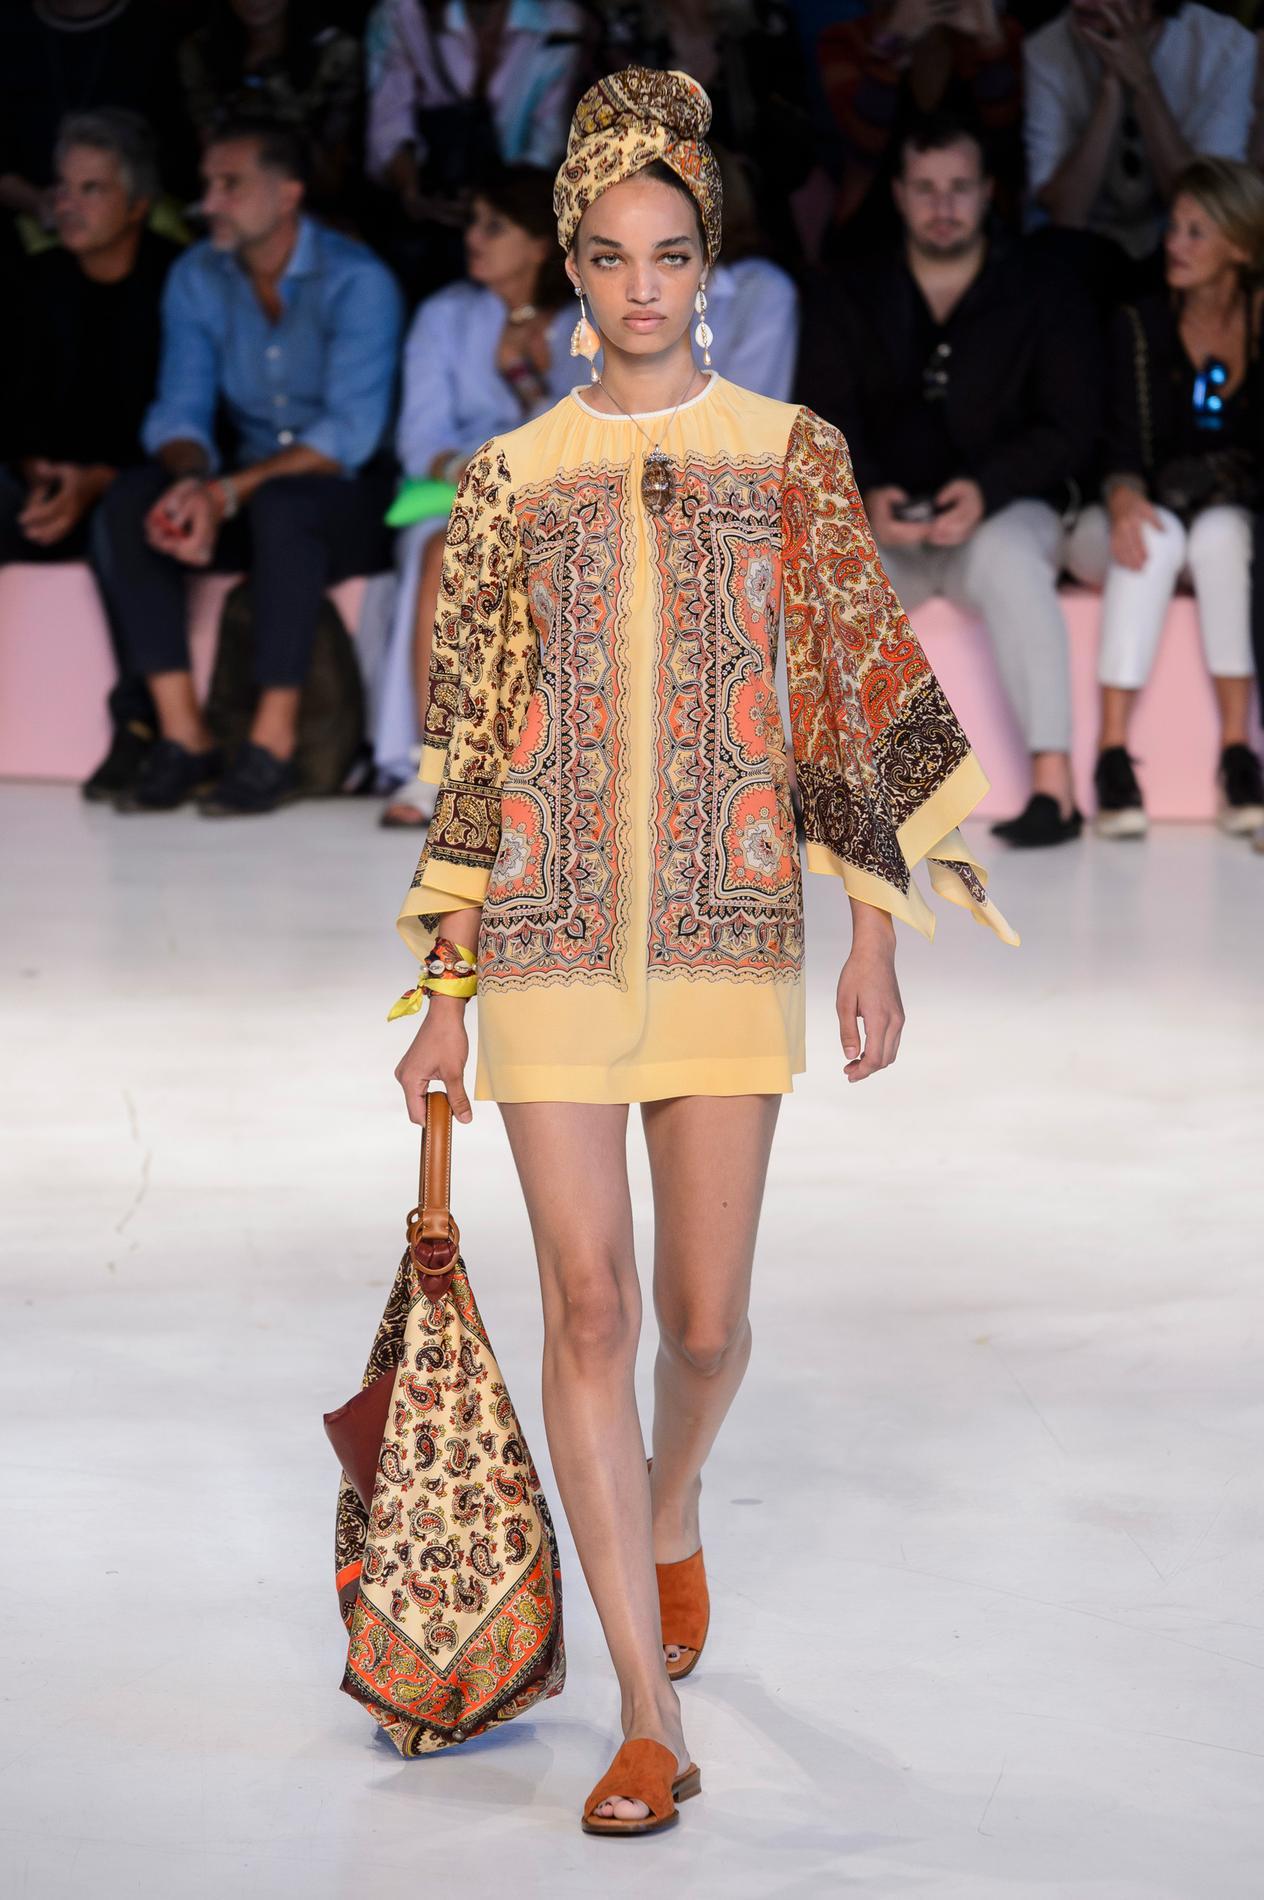 Le foulard fait son come-back chez les millenials - Madame Figaro dbe37101c0c